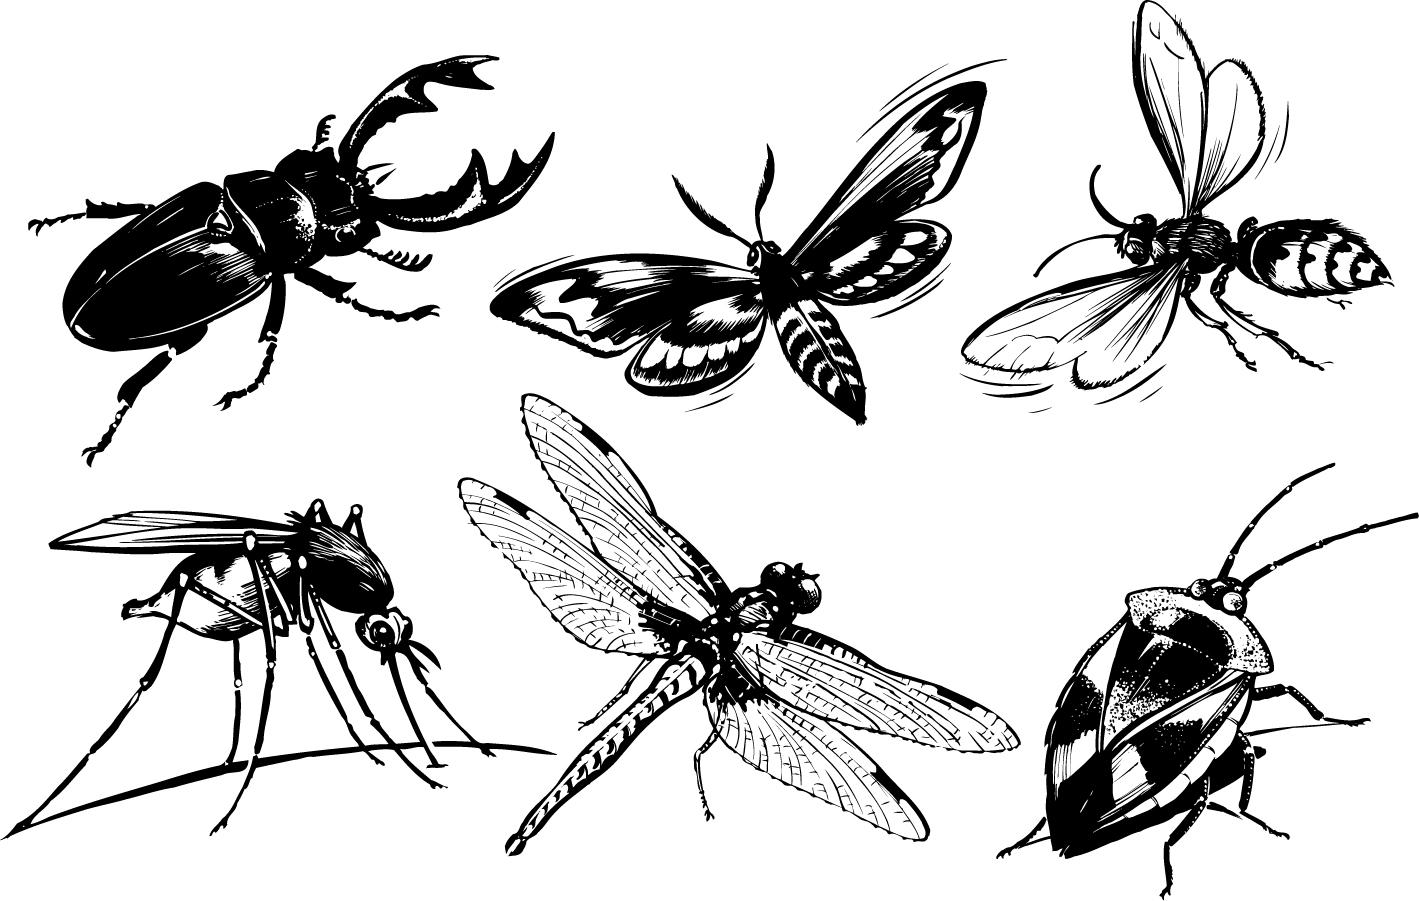 モノクロの昆虫素材 monochrome insect vector イラスト素材 | illustpost